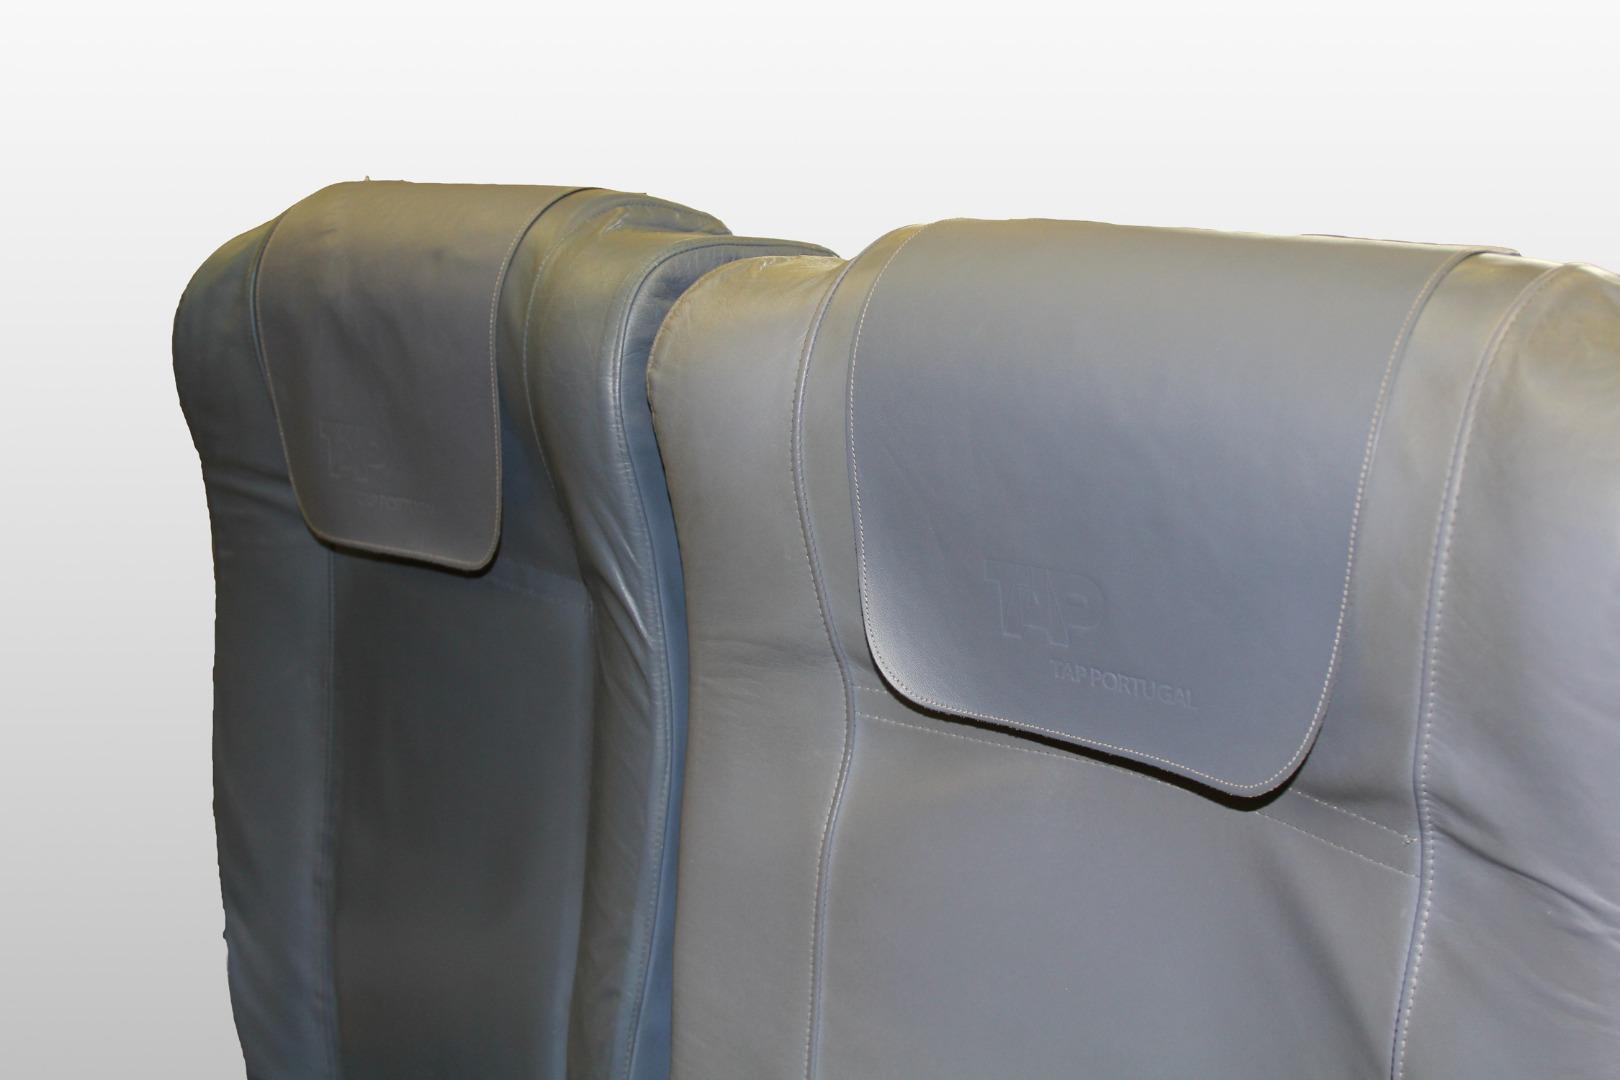 Cadeira tripla de económica do avião A319 da TAP | 40